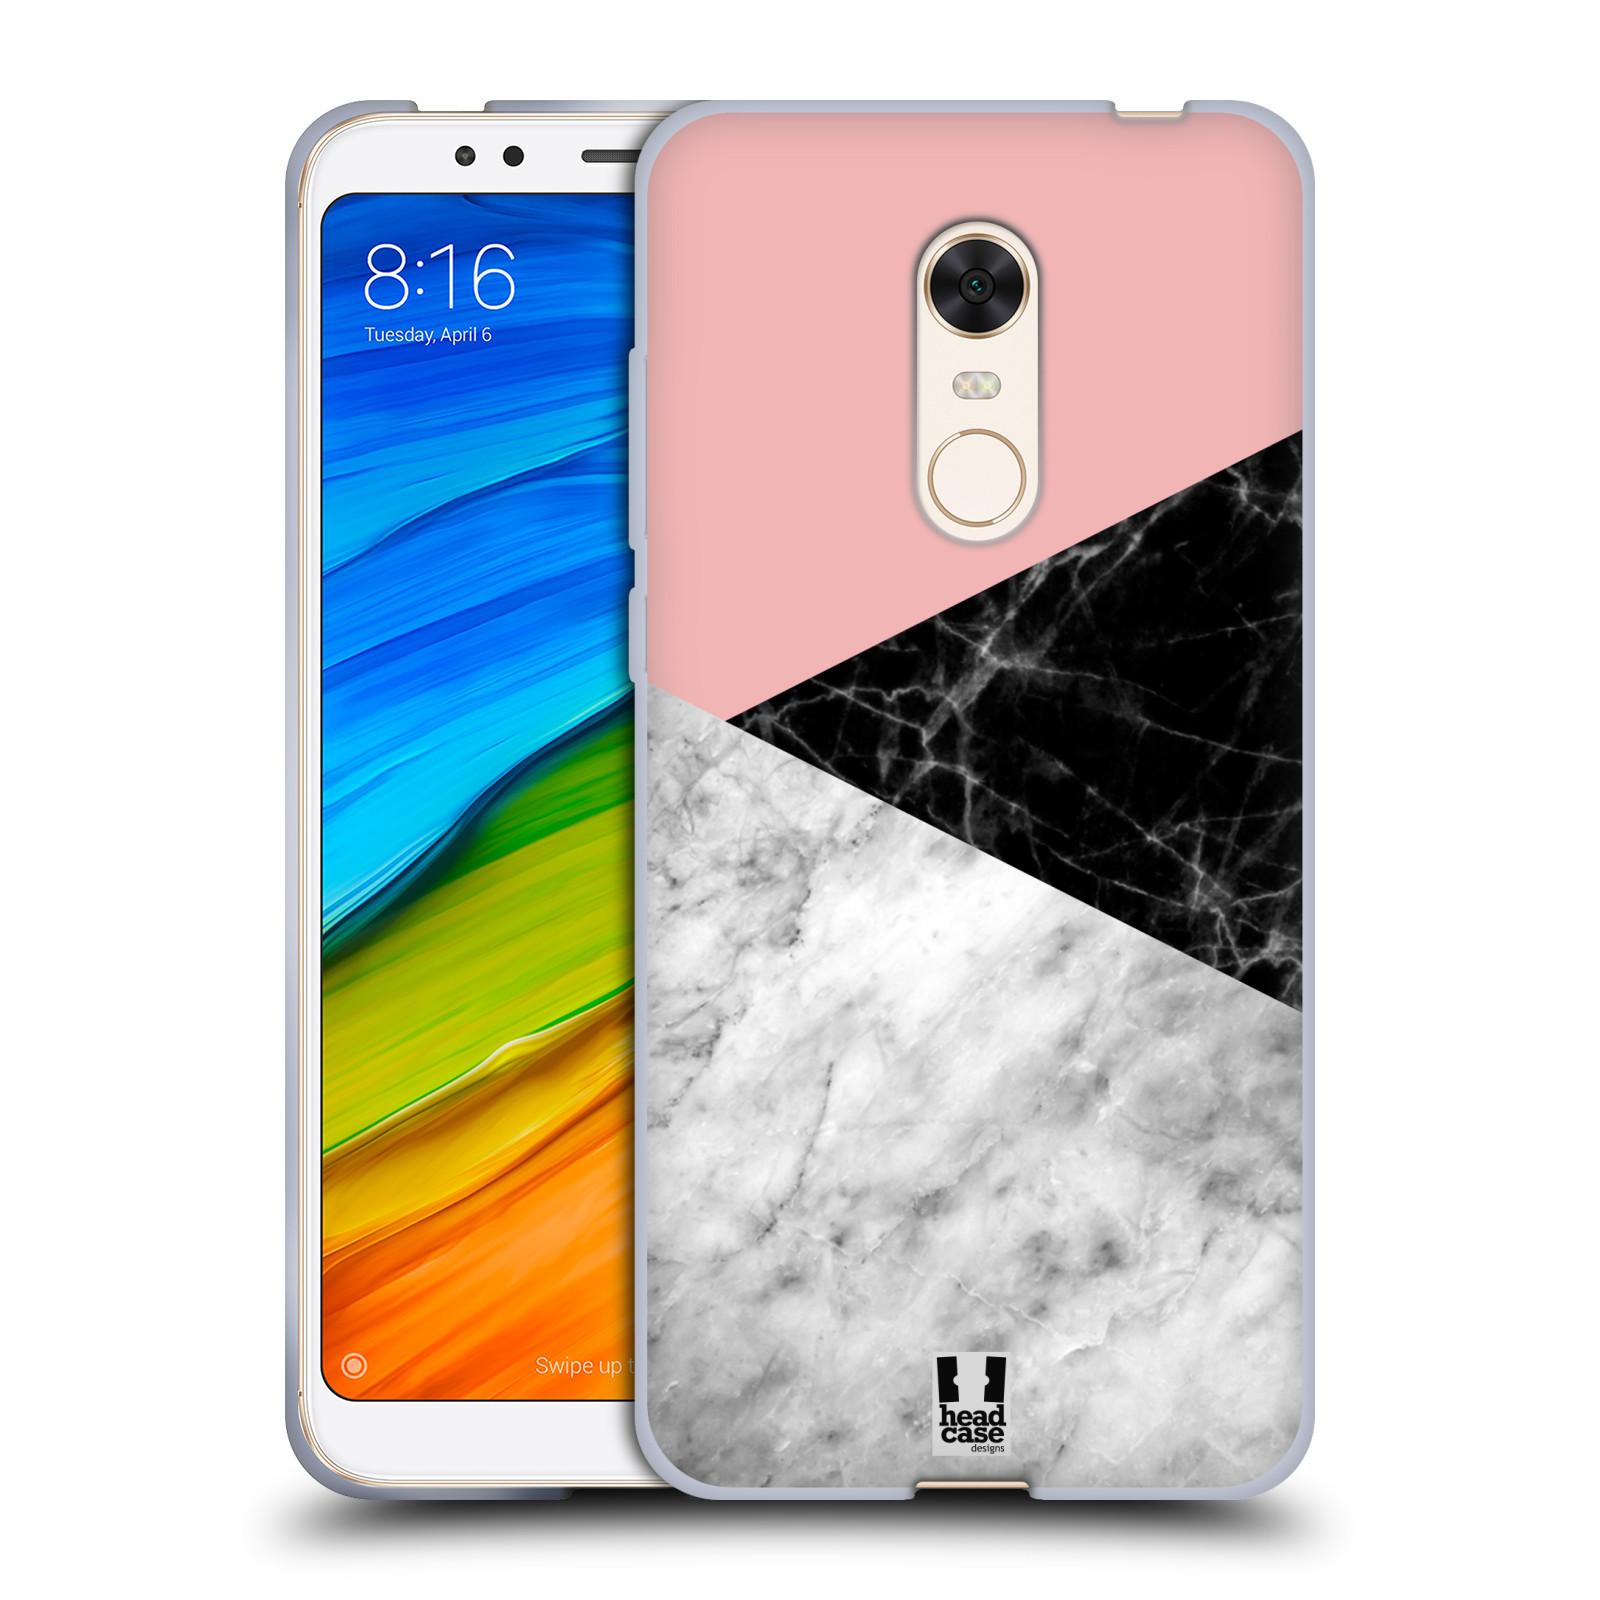 Silikonové pouzdro na mobil Xiaomi Redmi 5 Plus - Head Case - Mramor mix